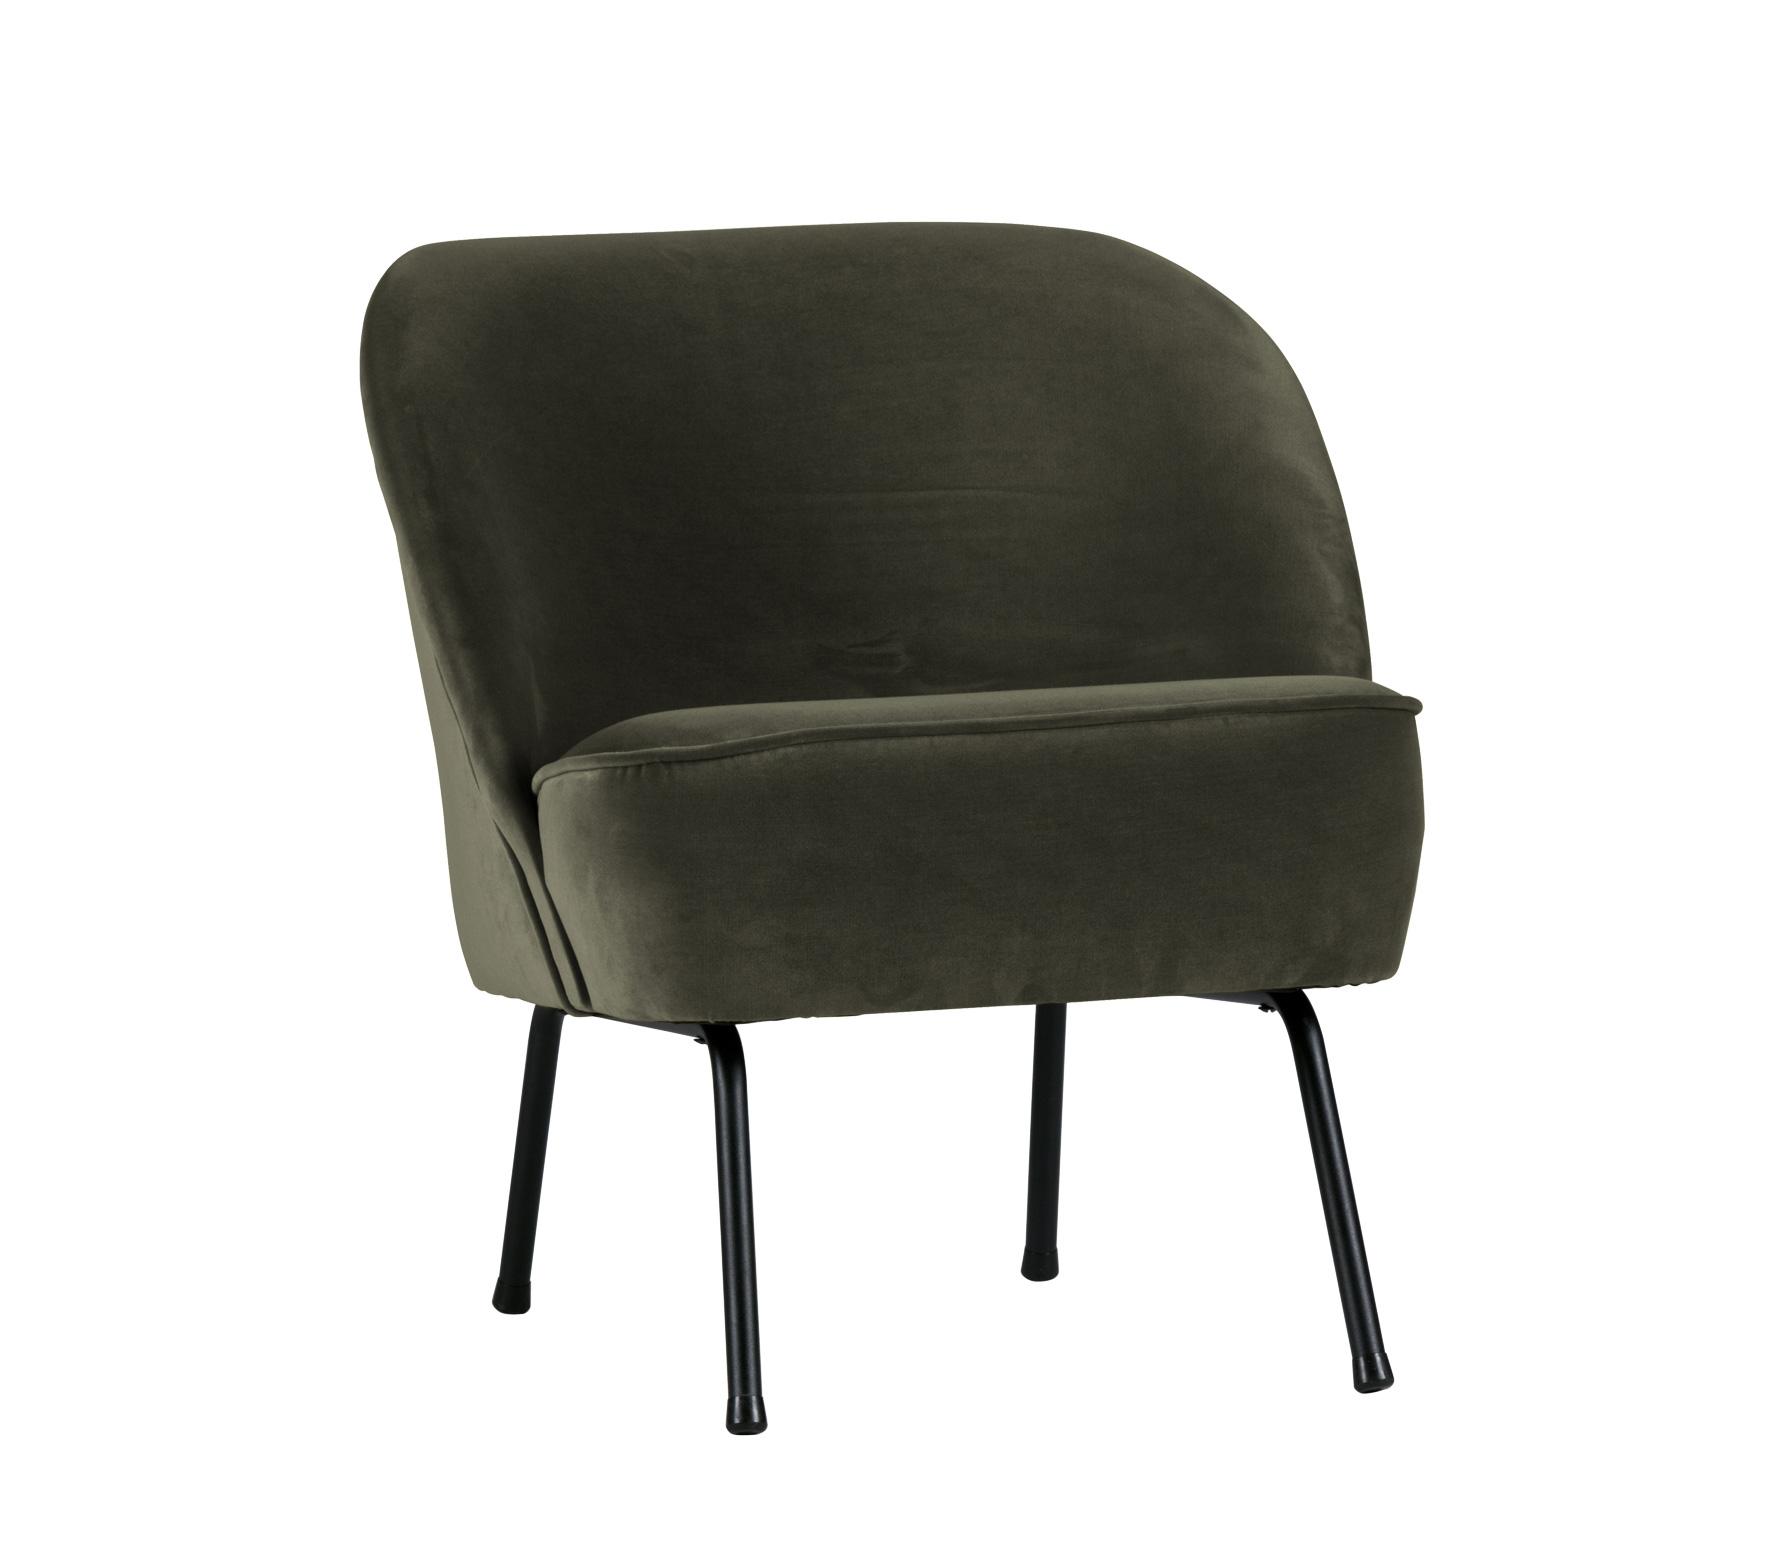 BePureHome Vogue fauteuil onyx Velvet